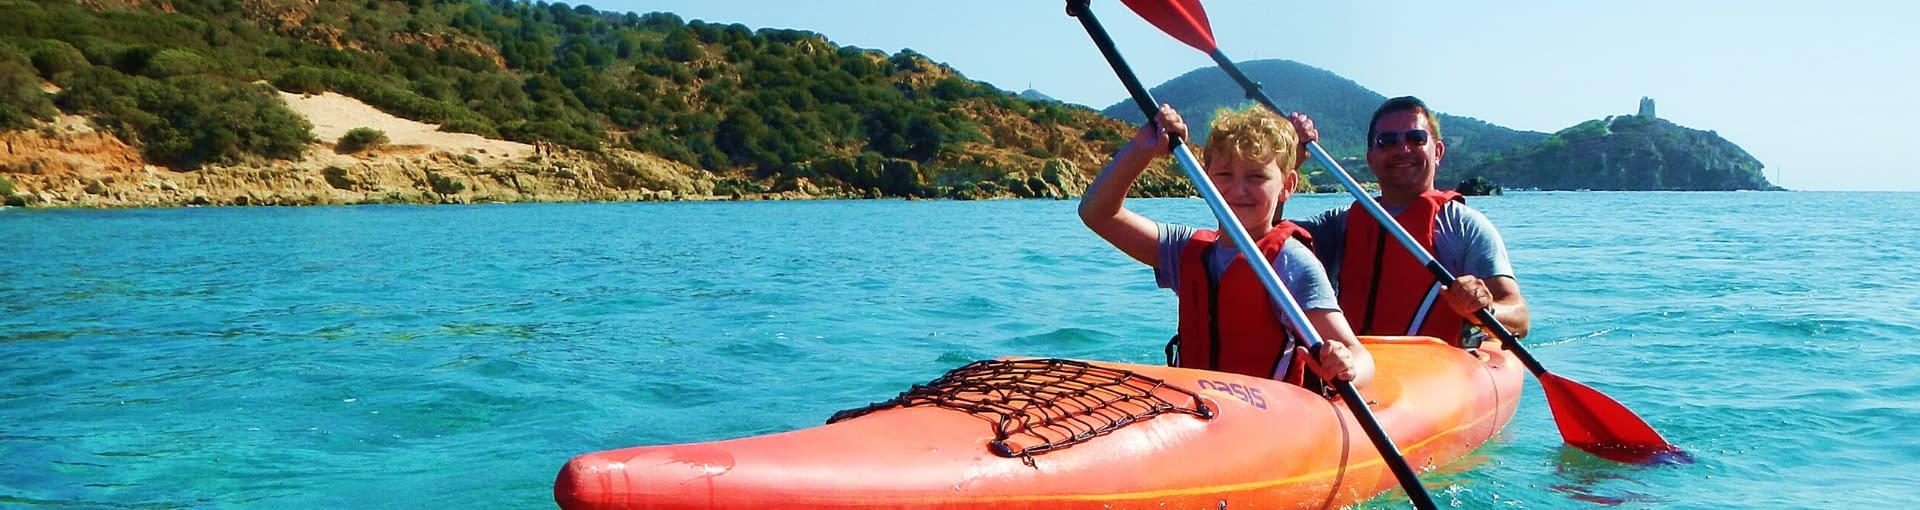 Kayak Tour in Sardinia